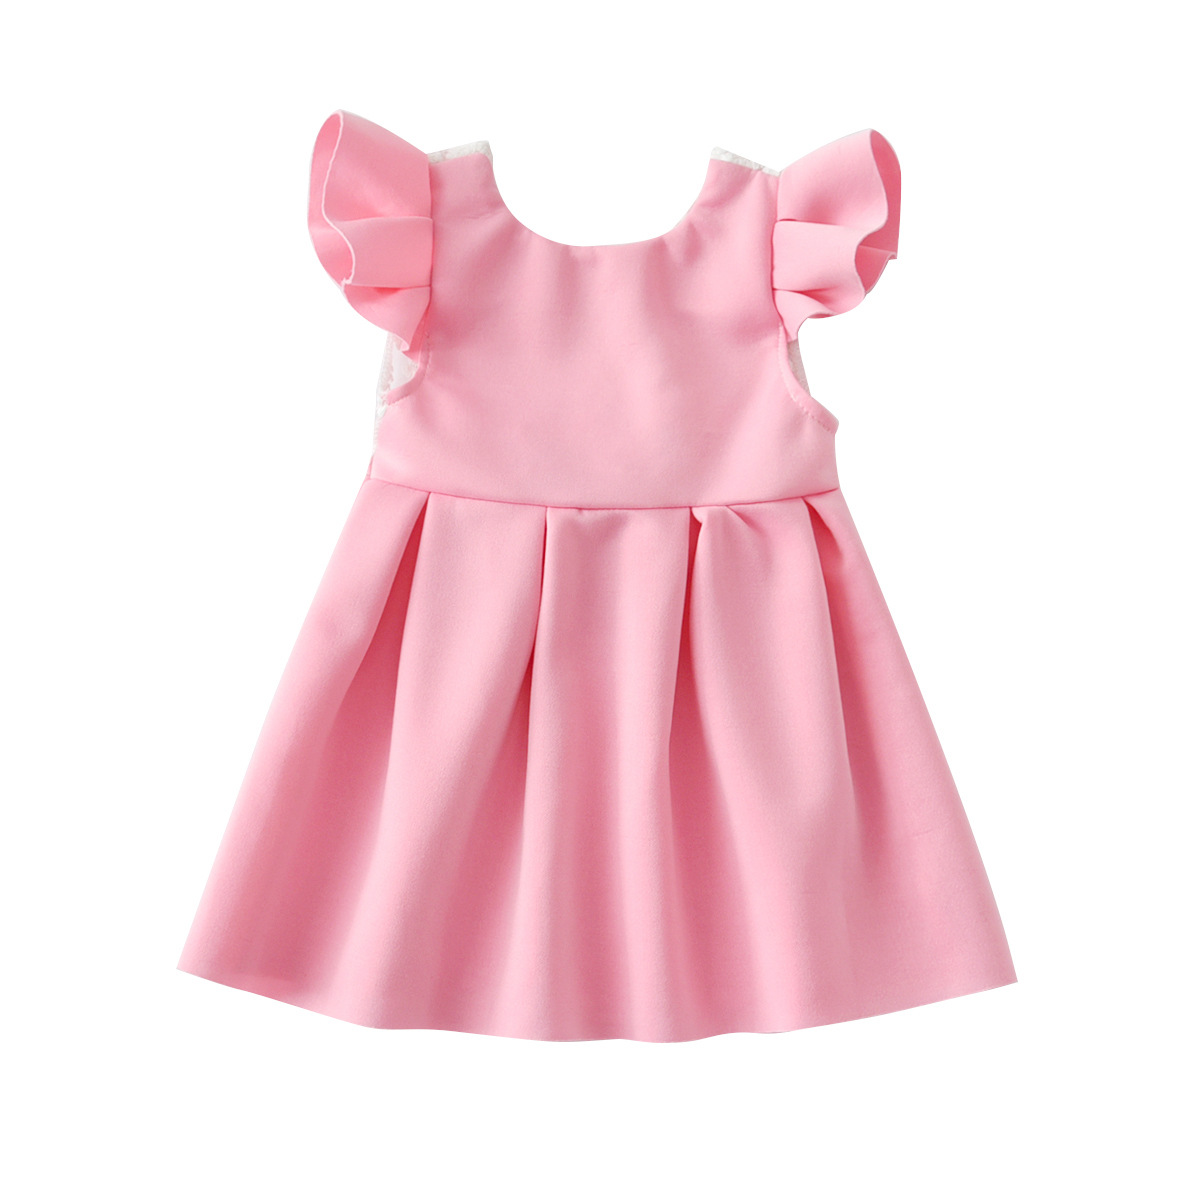 Vestido de Fiesta de Princesa con Tirantes Florales con Estampado de Lazo s/ólido para beb/és y ni/ños peque/ños 6 Meses Vestido de ni/ña de Boda 3 a/ños